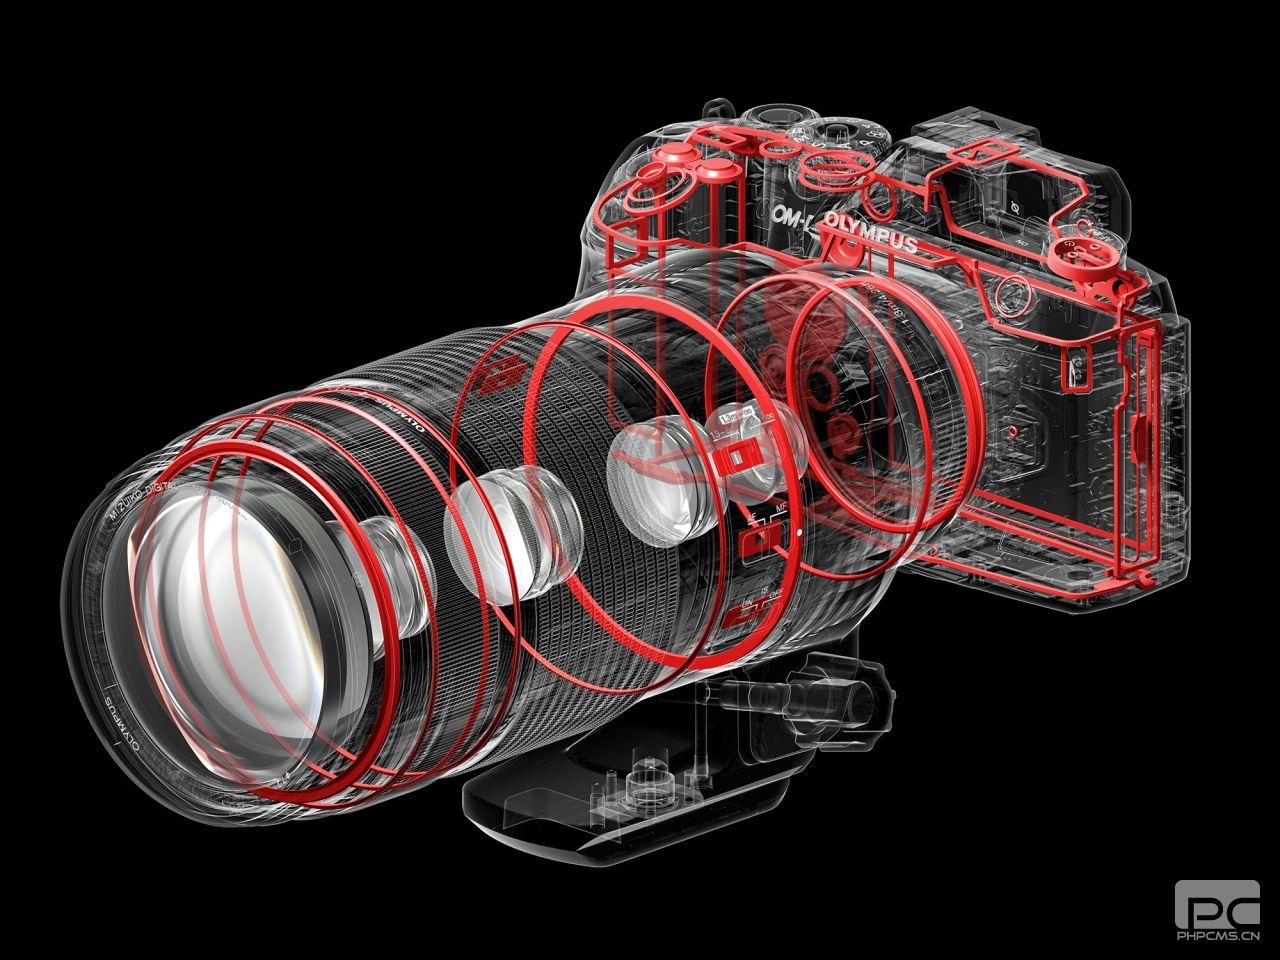 奥林巴斯M.Zuiko  100-400mm  F5.0-6.3 IS镜头放大了重要的部分